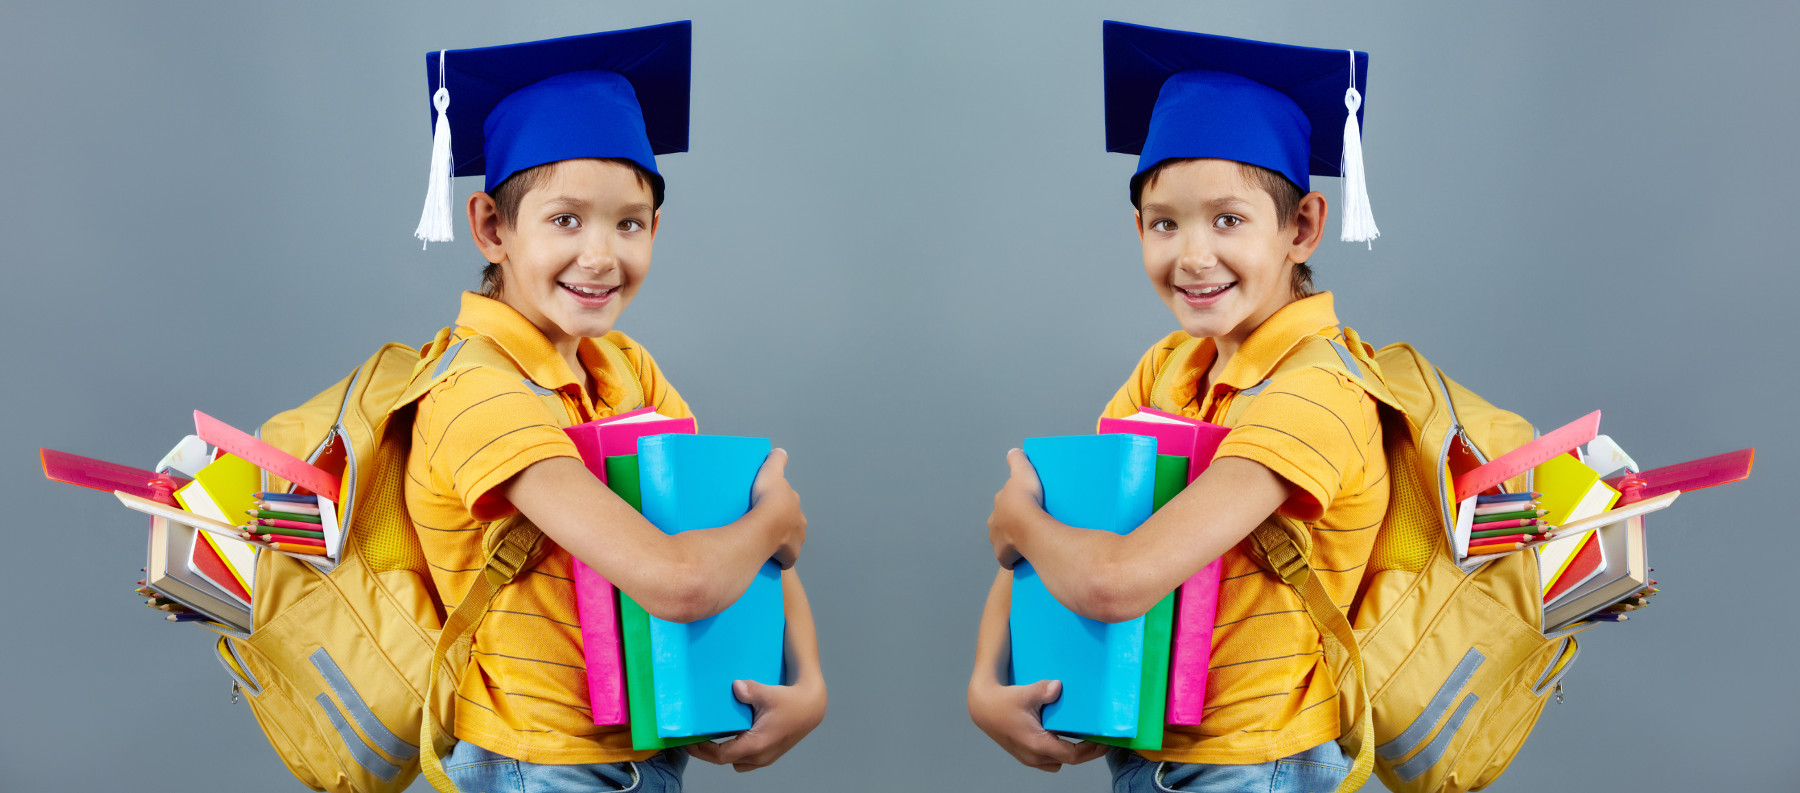 איך לעזור לילד שלך להצליח בשנת הלימודים הבאה